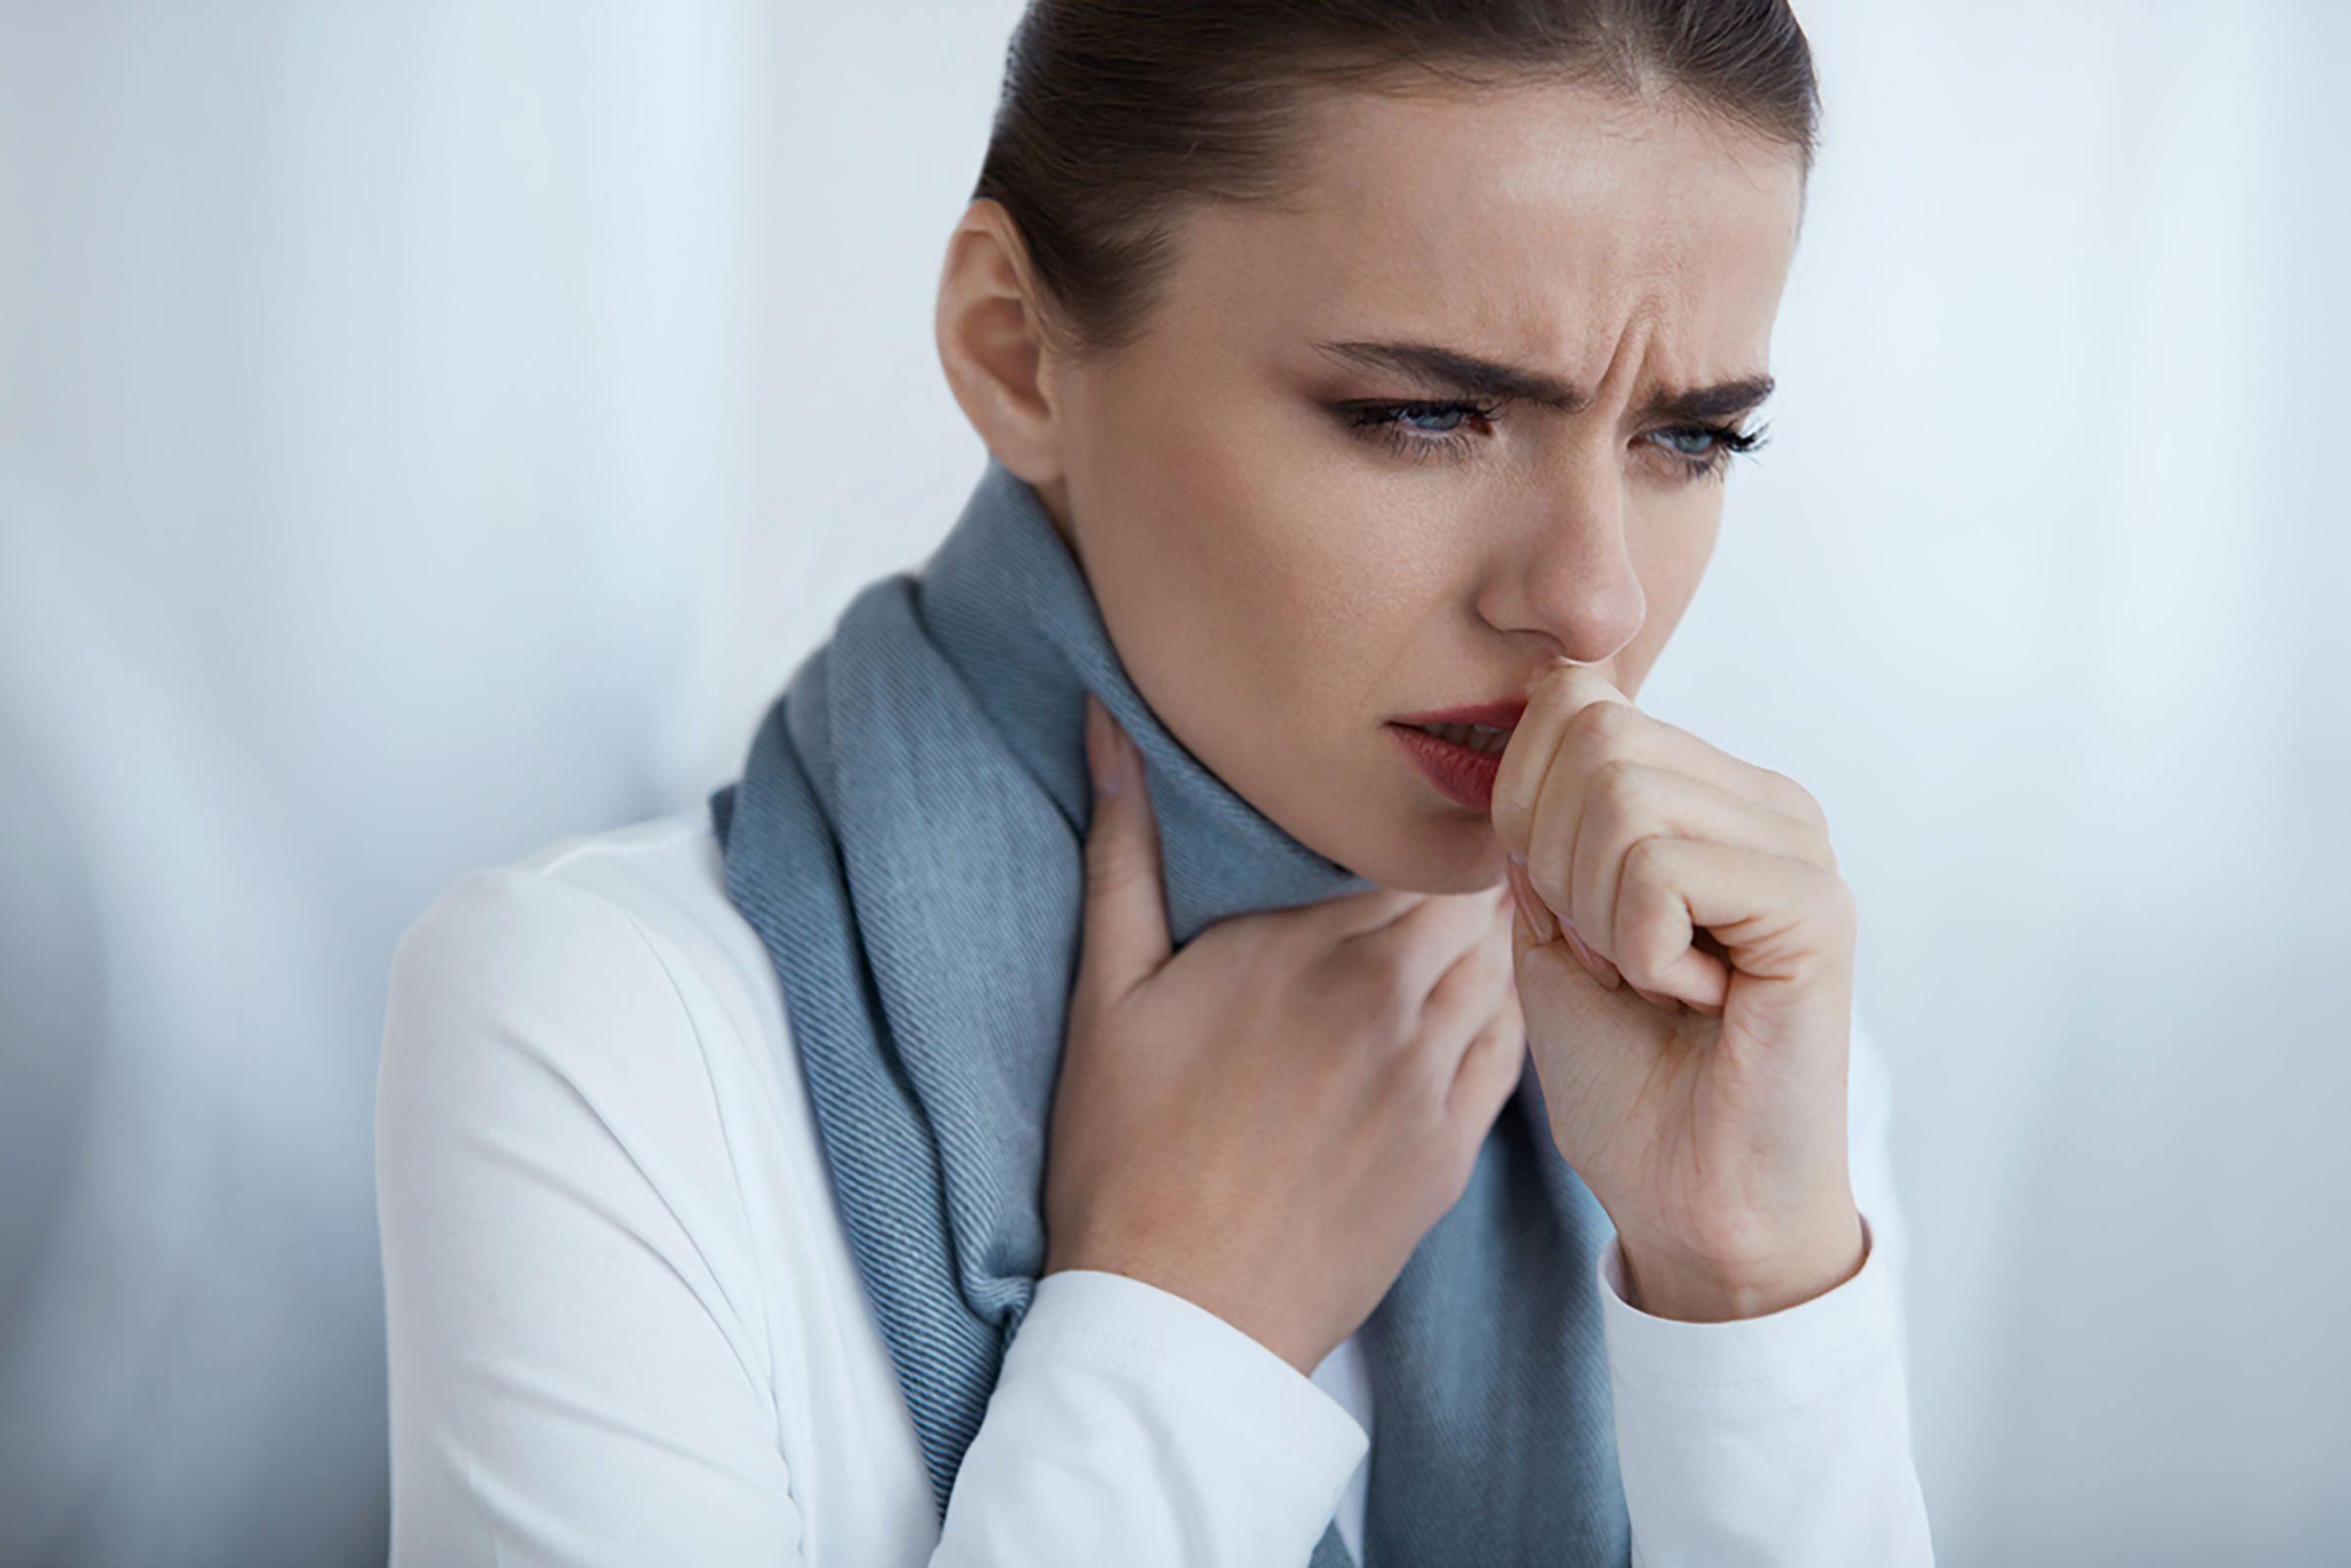 Brûlure d'estomac peut être en réponse à des allergies